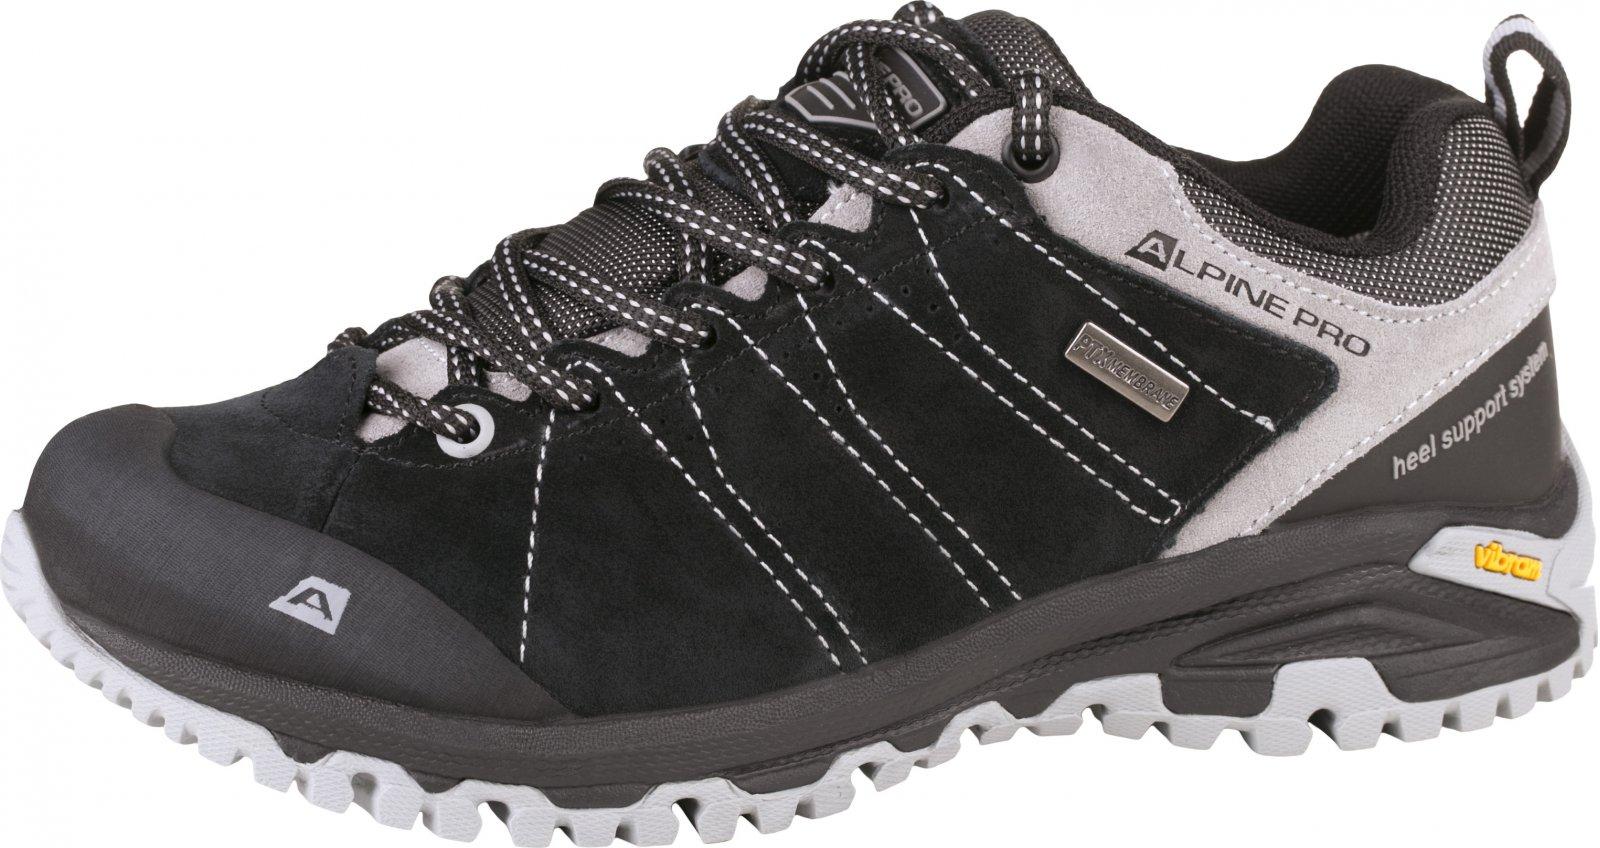 7e375c03ab4 Alpine Pro Triglav PTX Low černá od 1 999 Kč • Zboží.cz